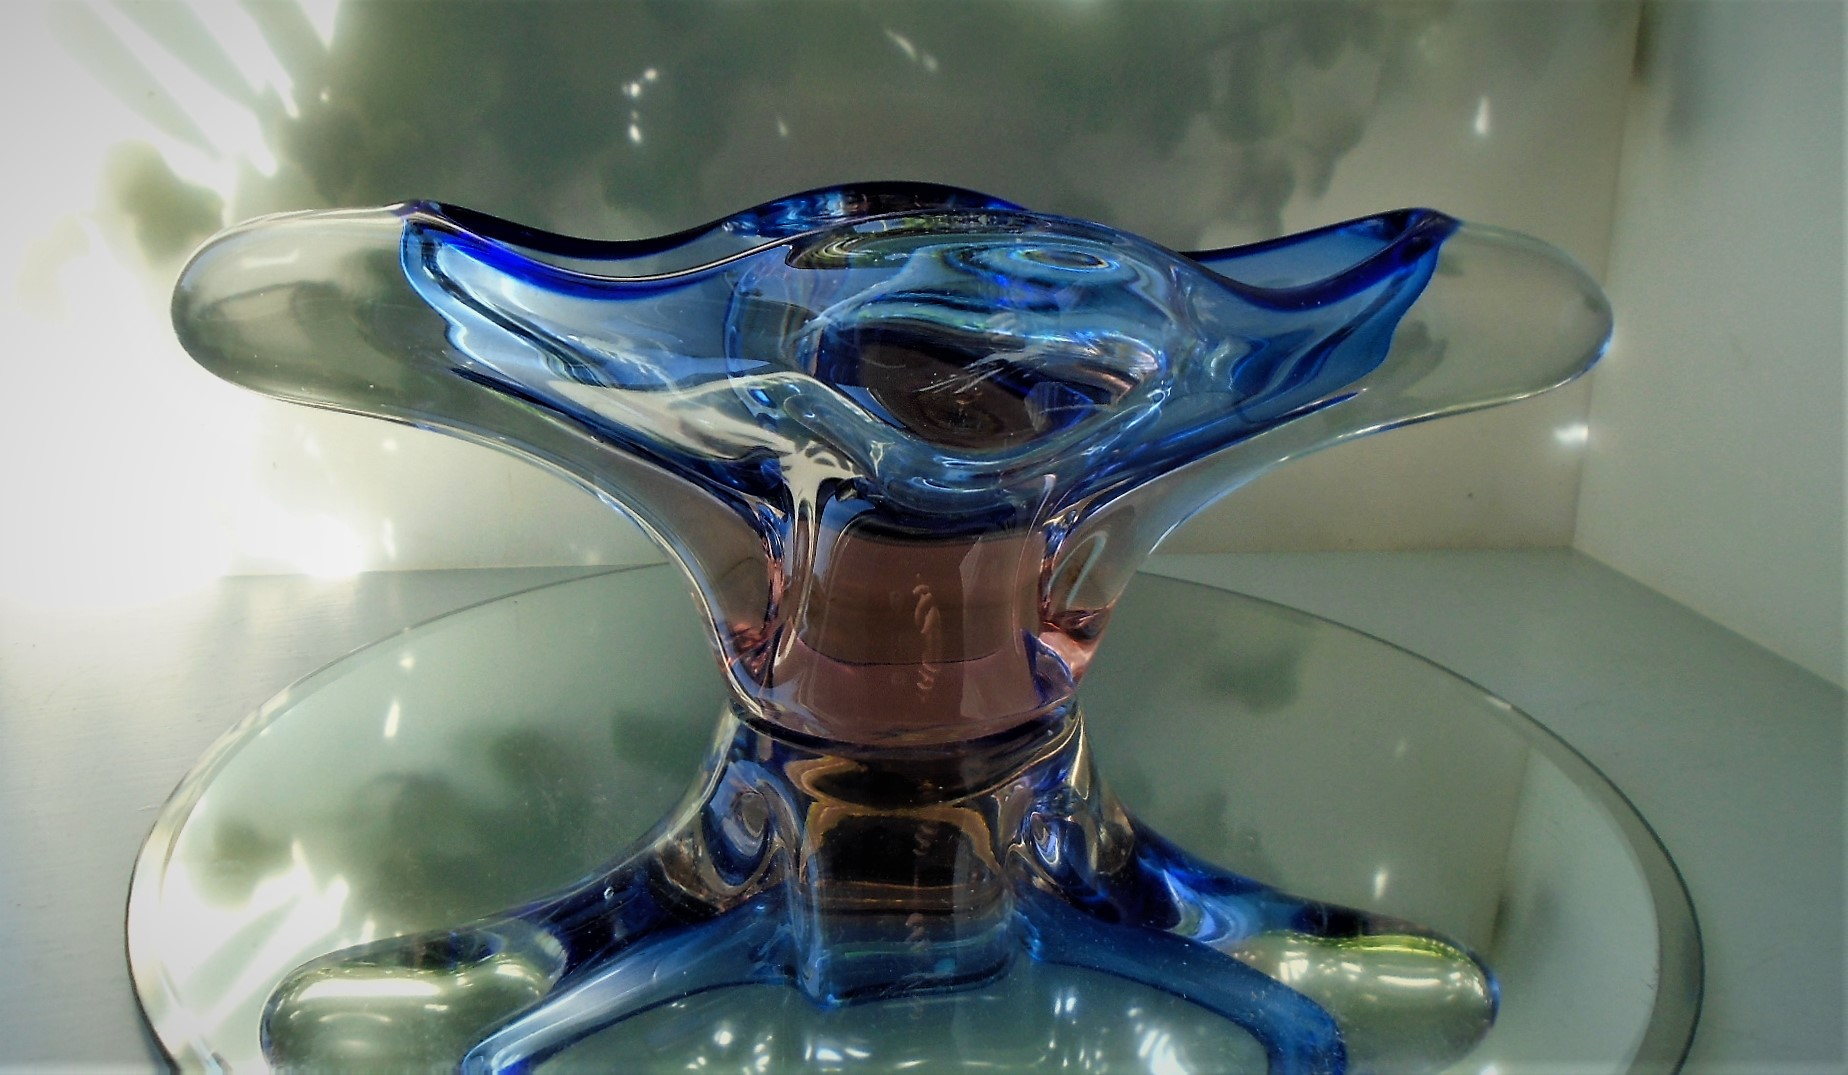 Stunning Vintage Czech Glass organic shaped bowl from maker Chribska designed by Joseph Hospodska.